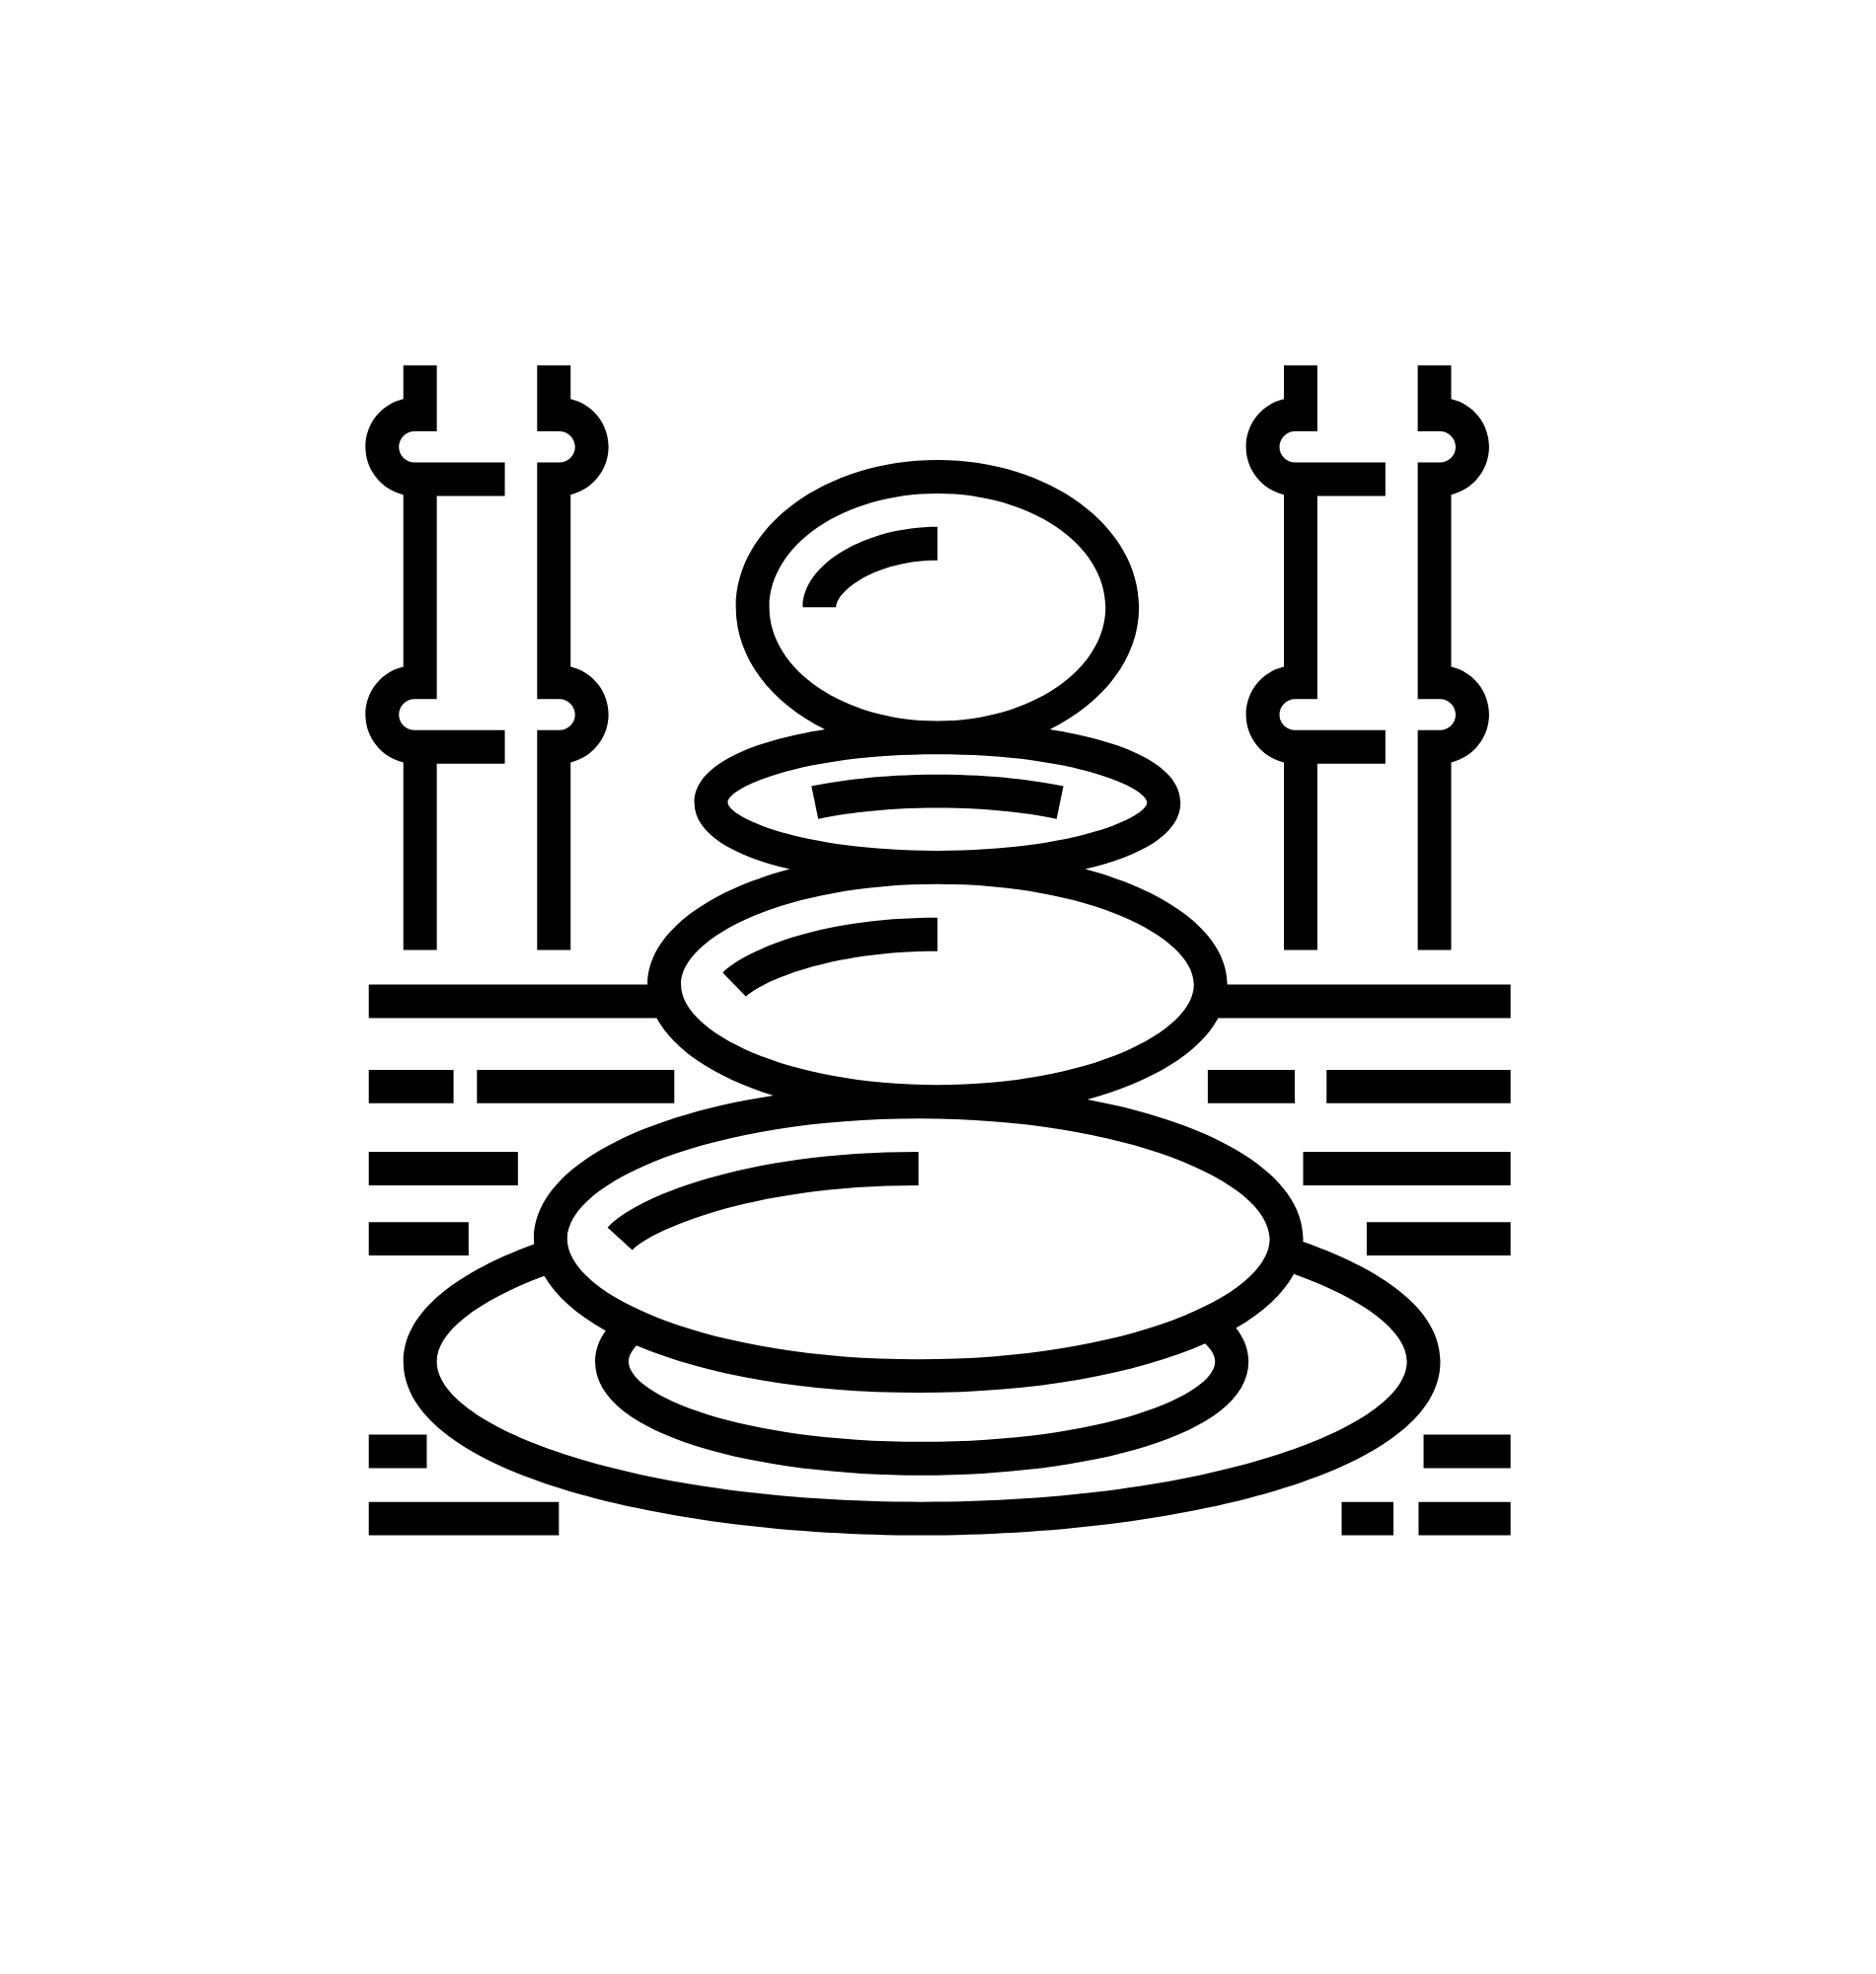 _-logo (46).png